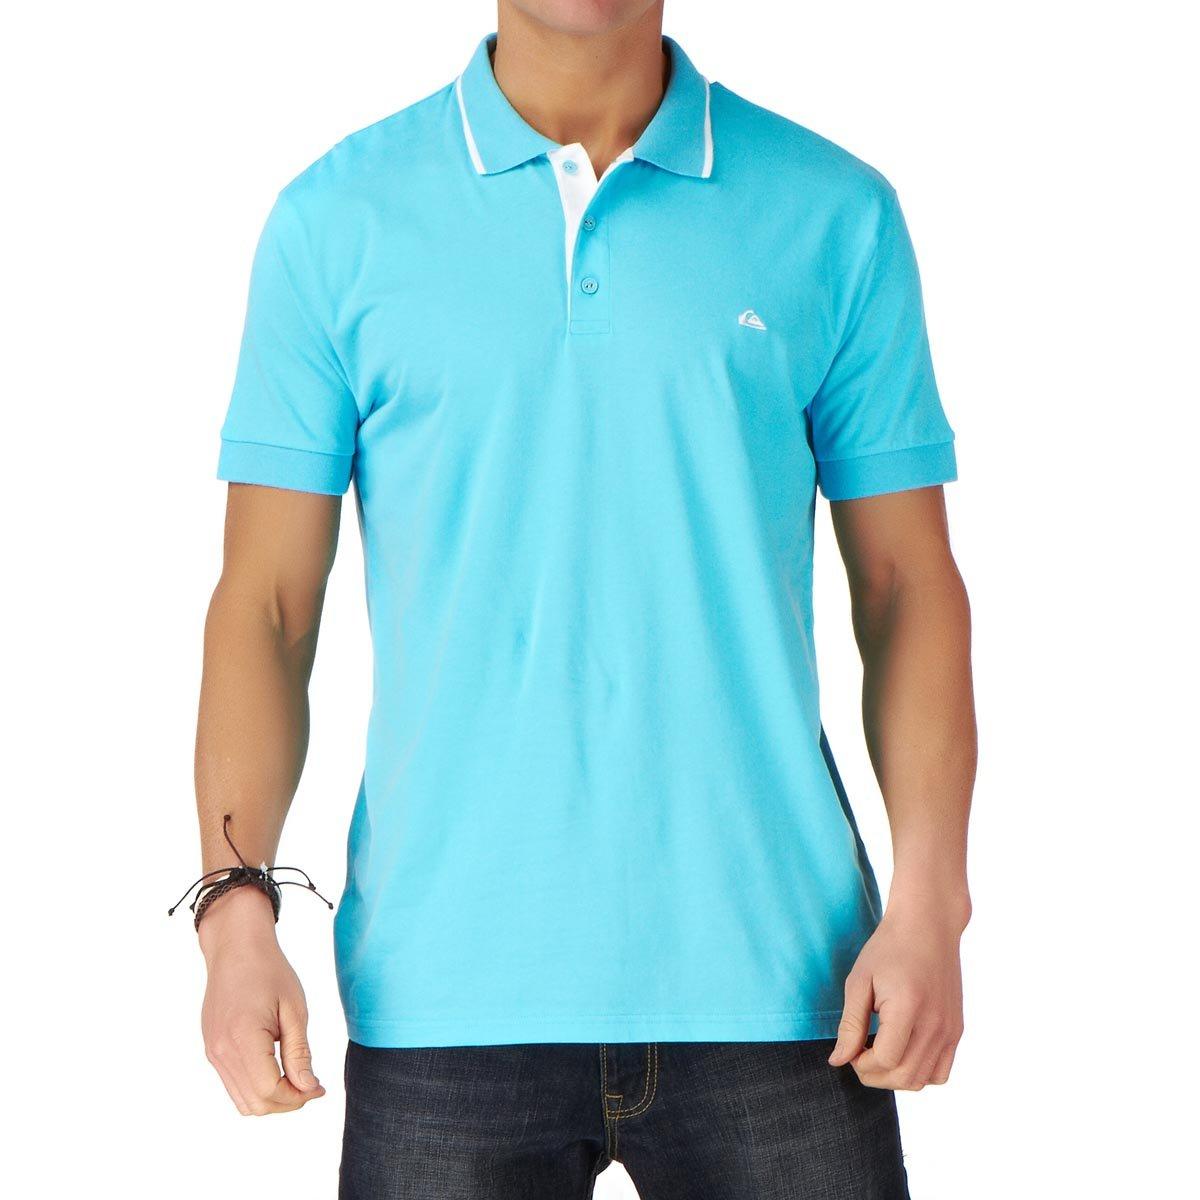 QUIKSILVER - Polo - para Hombre Azul Azul 42: Amazon.es: Ropa y ...